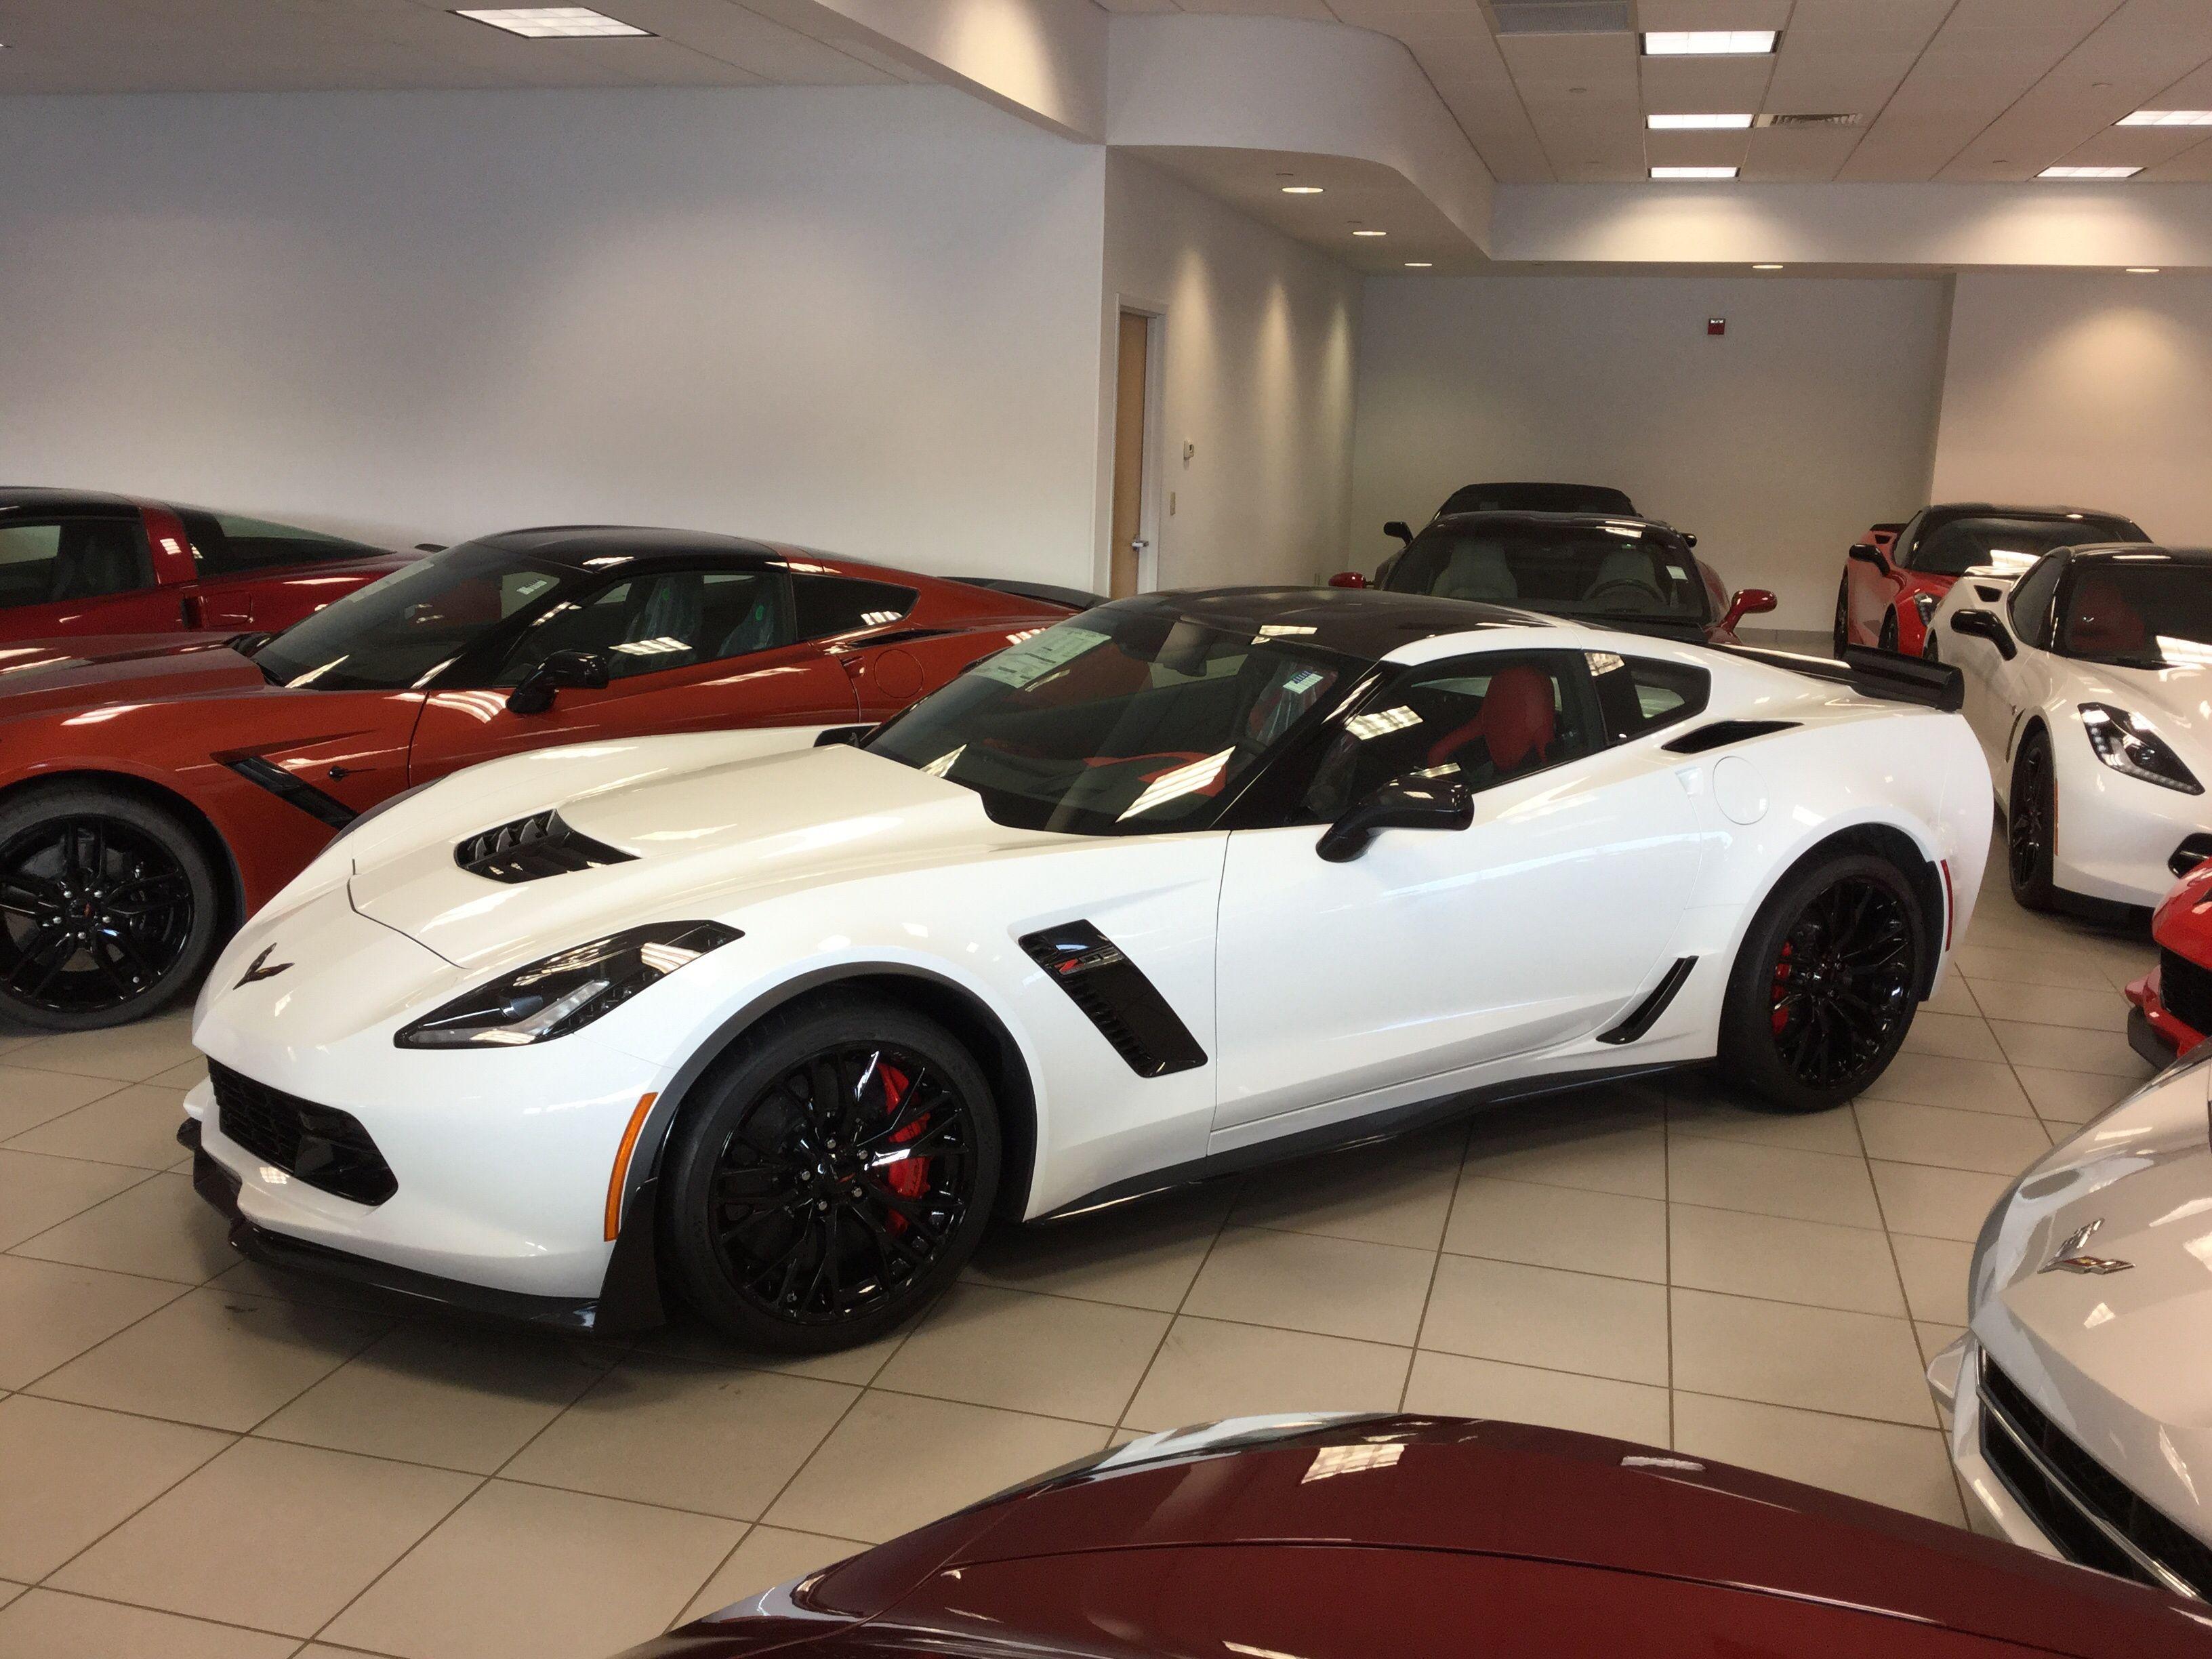 2016 Corvette Z06 Arctic White with Adrenaline Red Interior